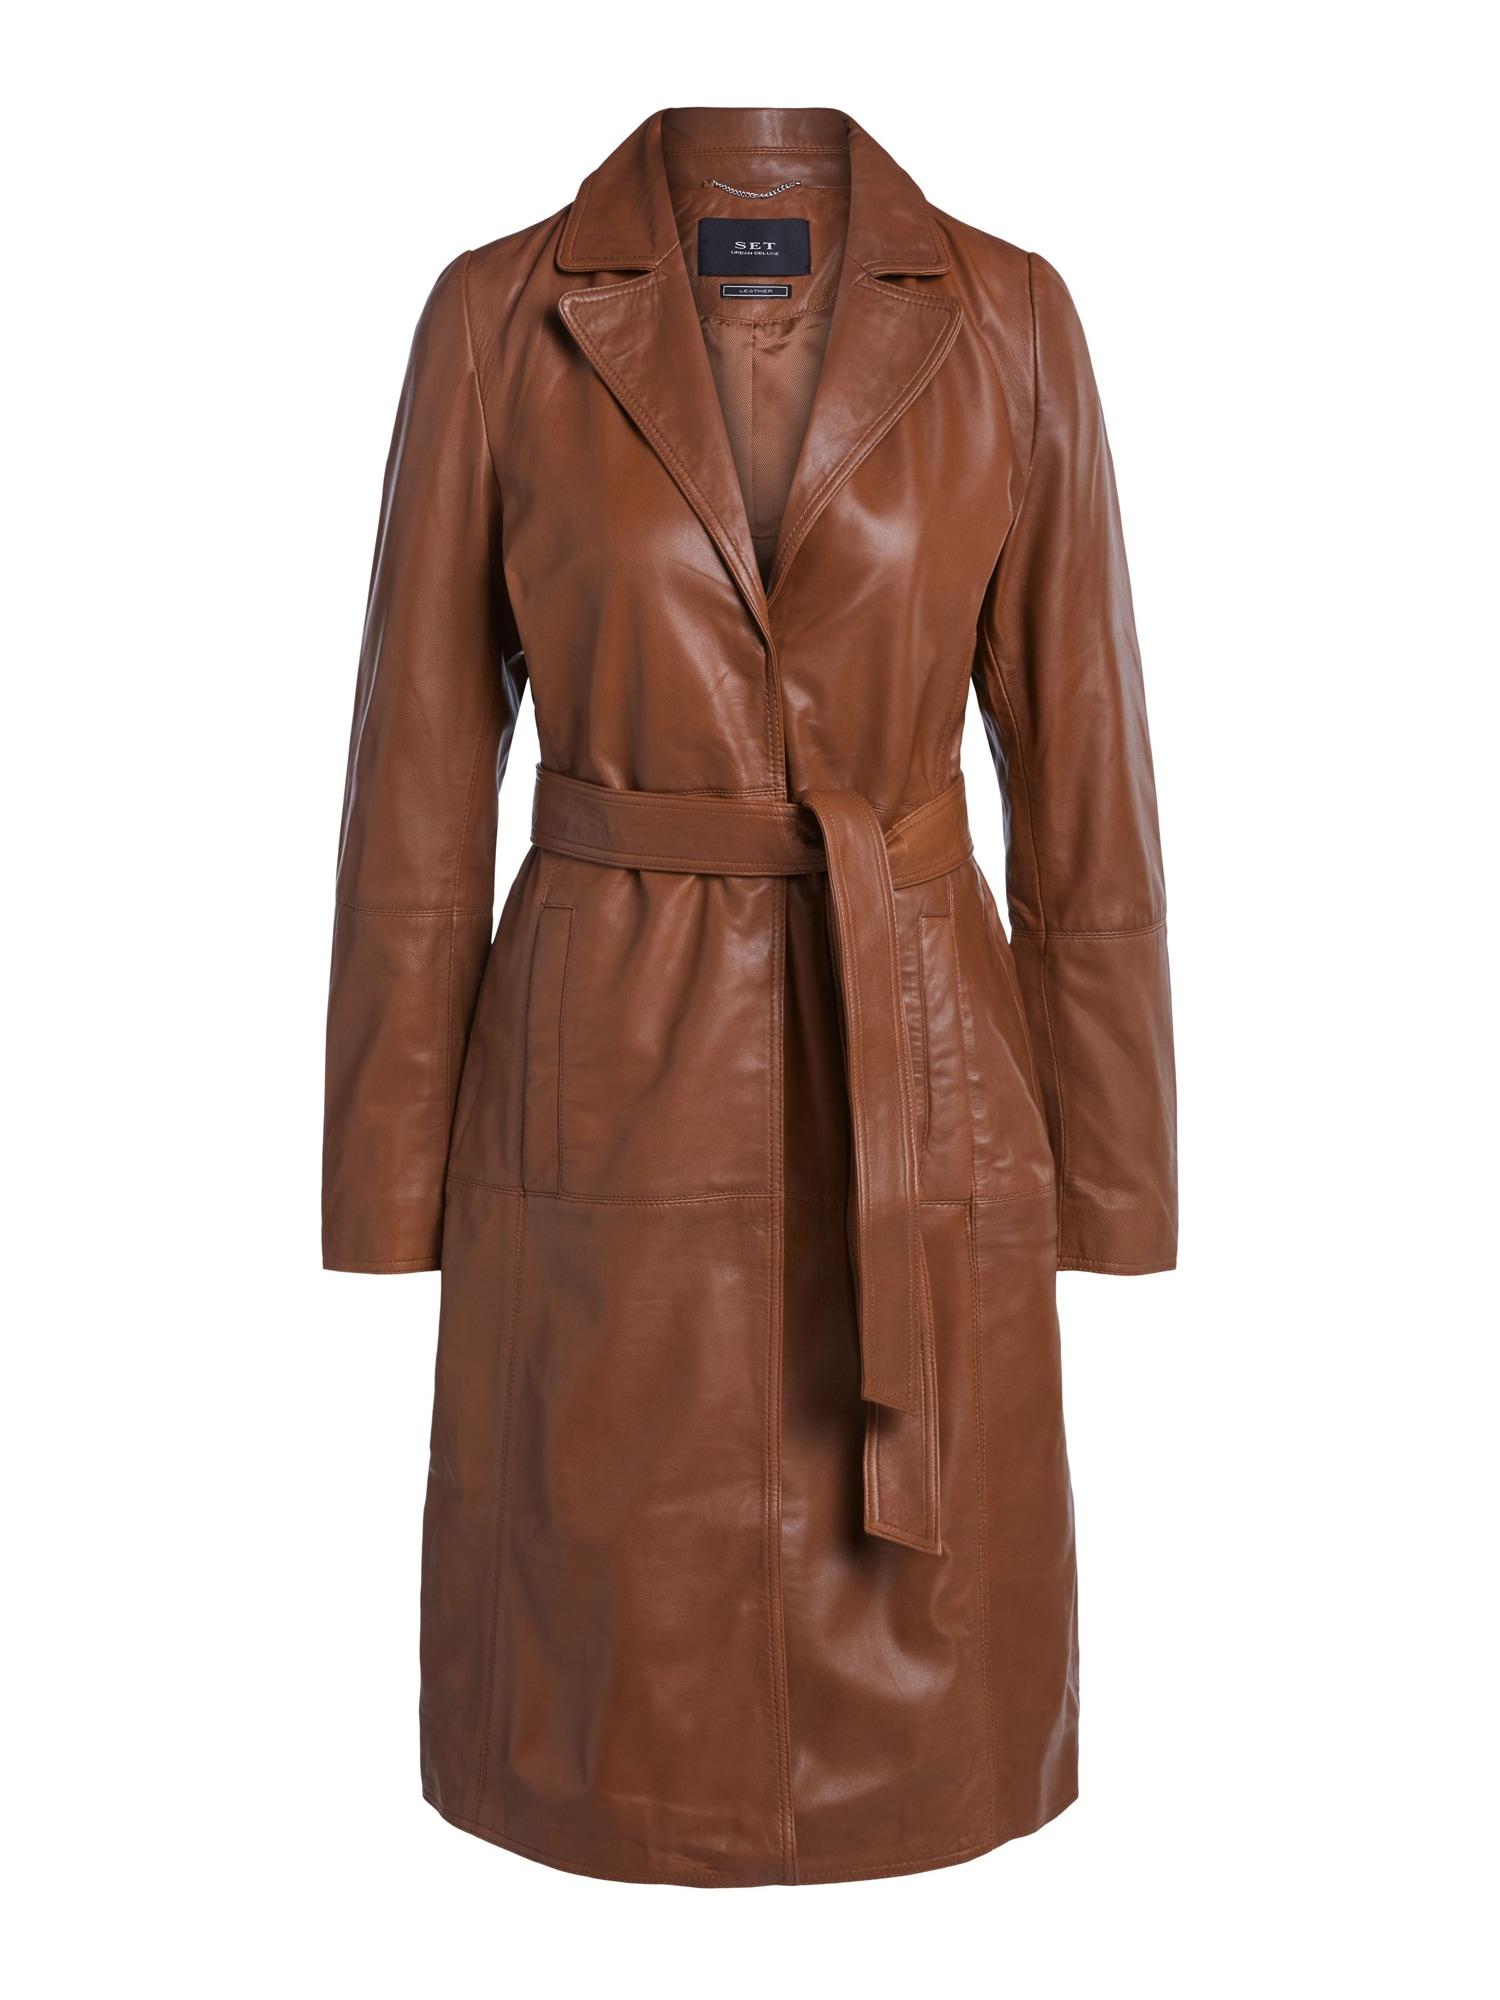 SET Rudeninis-žieminis paltas kupranugario